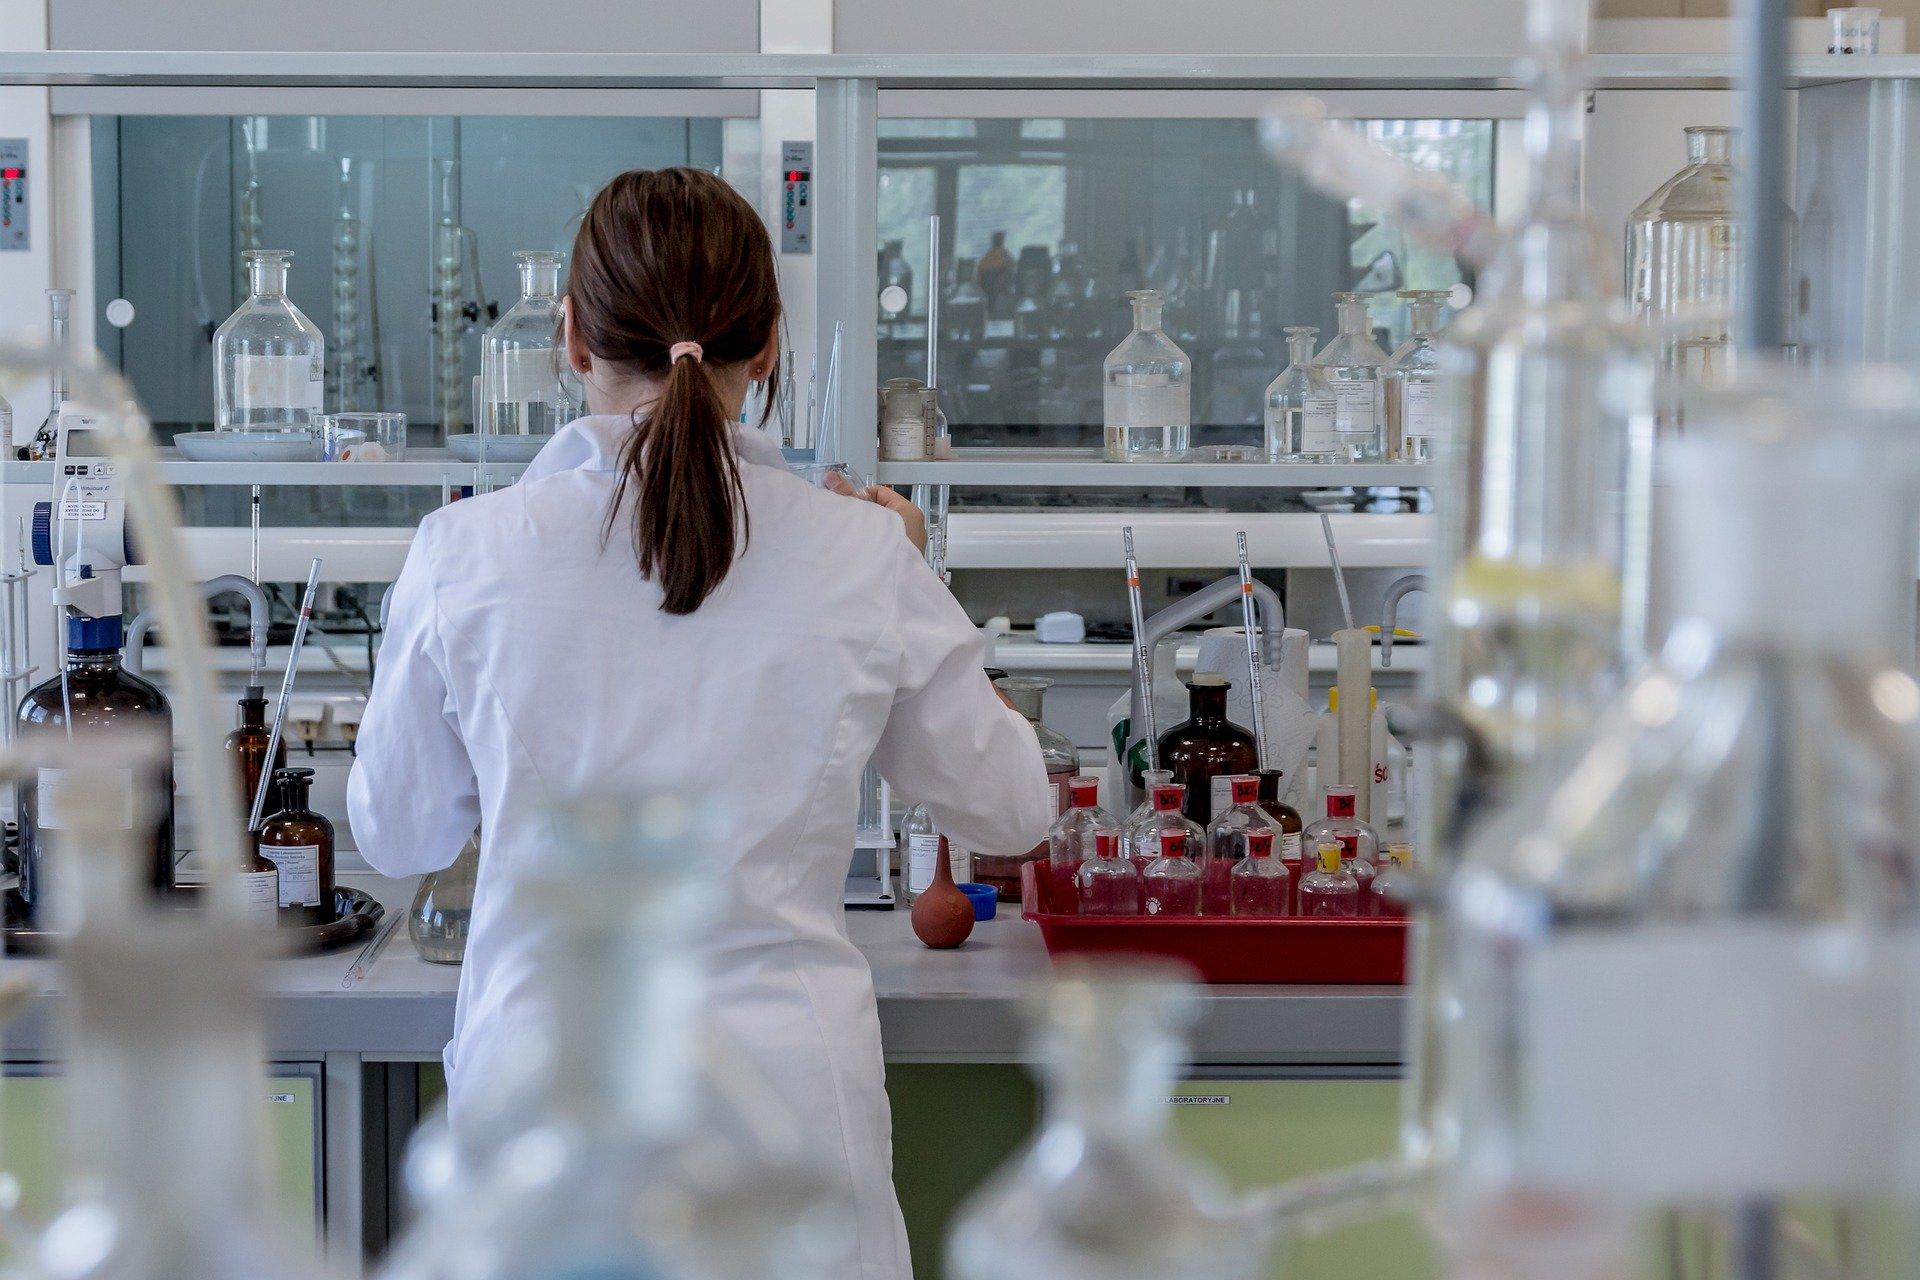 une convention a été votée pour permettre le raccordement du réseau de chaleur du Mirail au réseau de chaleur du Centre Hospitalier Universitaire de Purpan (CHU) entre Toulouse Métropole. Crédit : Pixabay